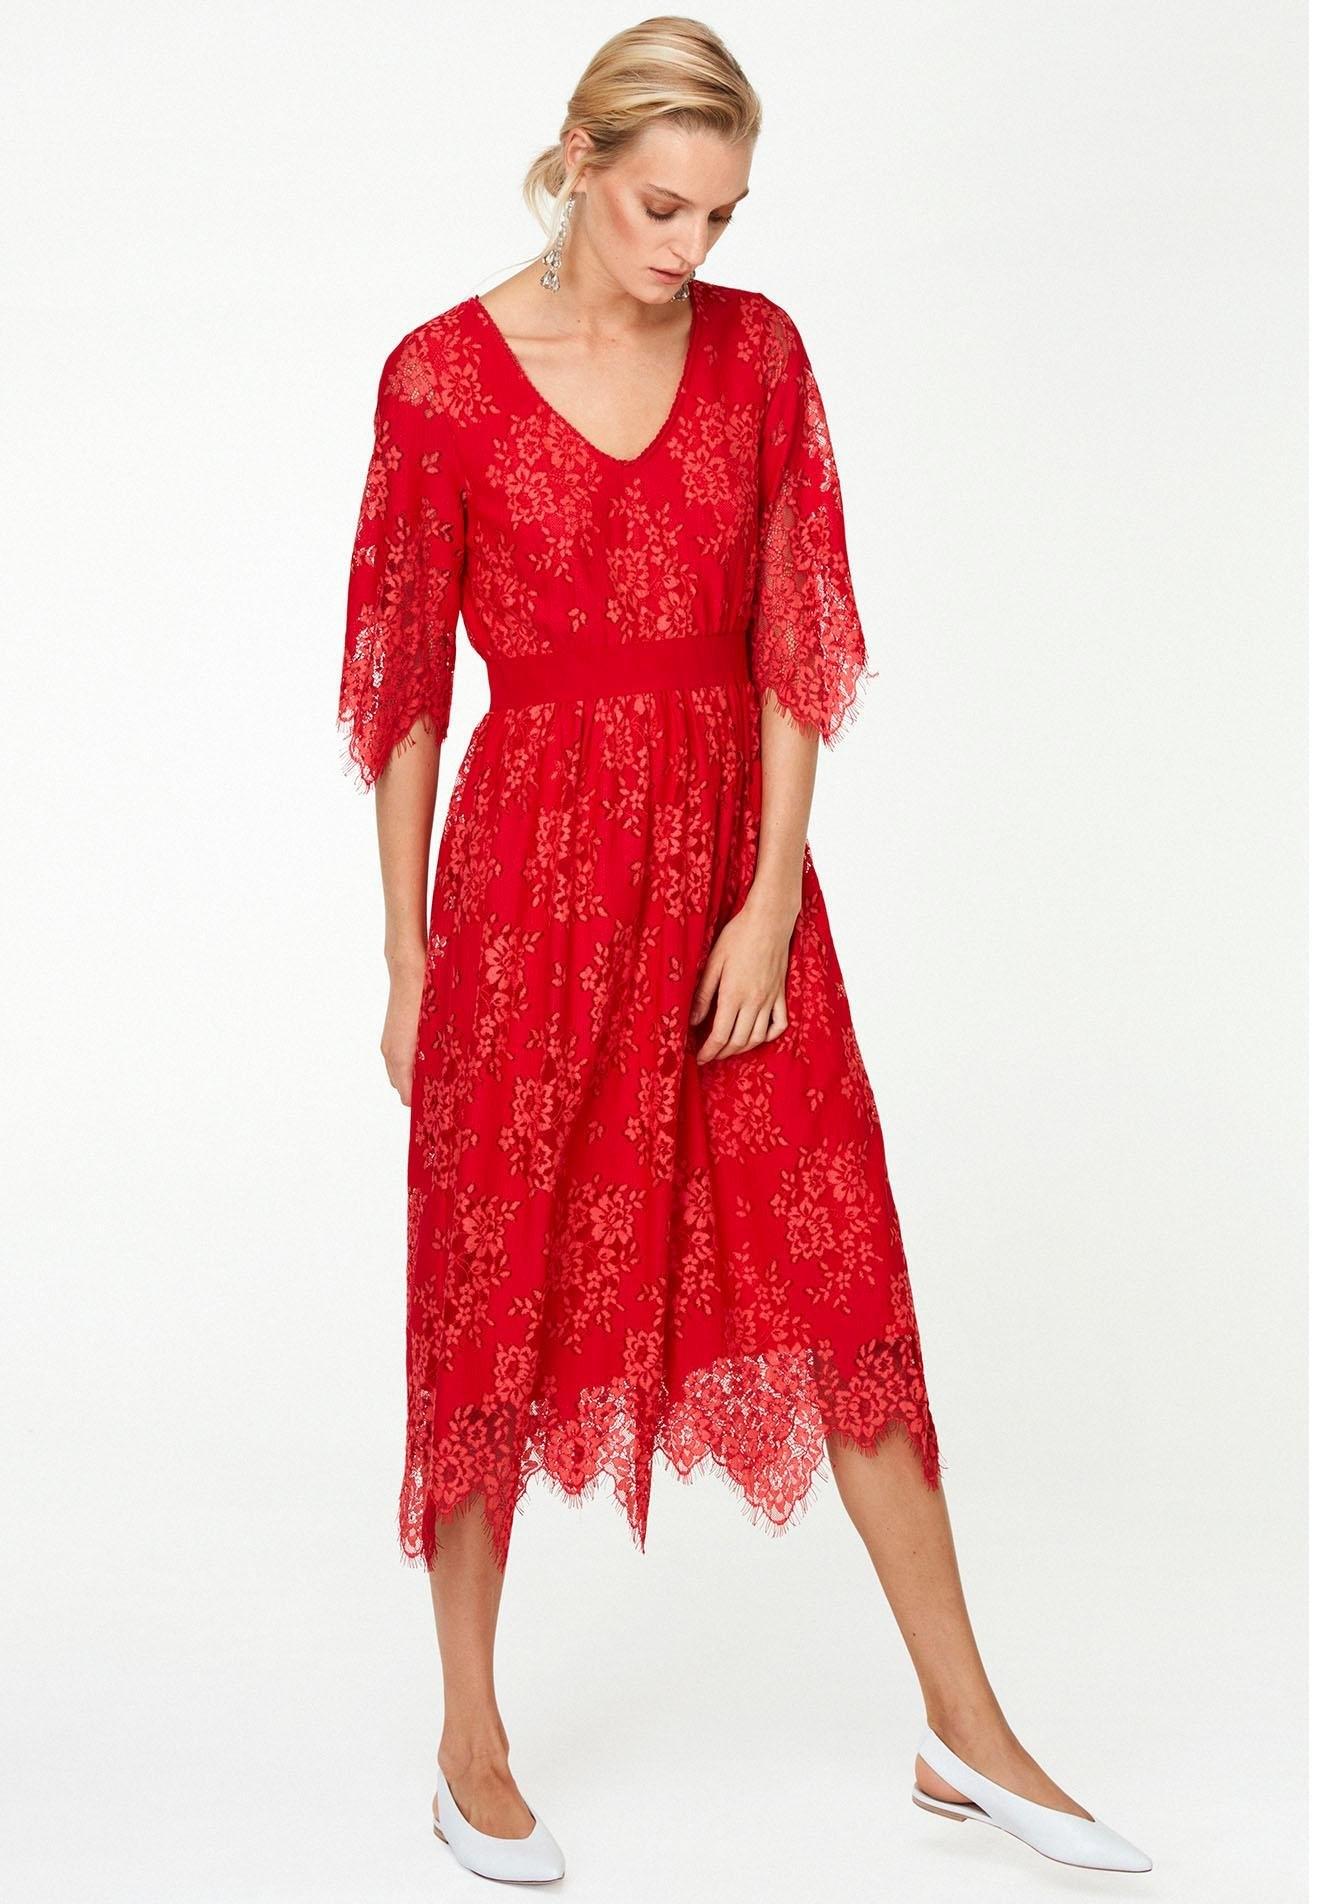 Laurèl kanten jurk bestellen: 14 dagen bedenktijd